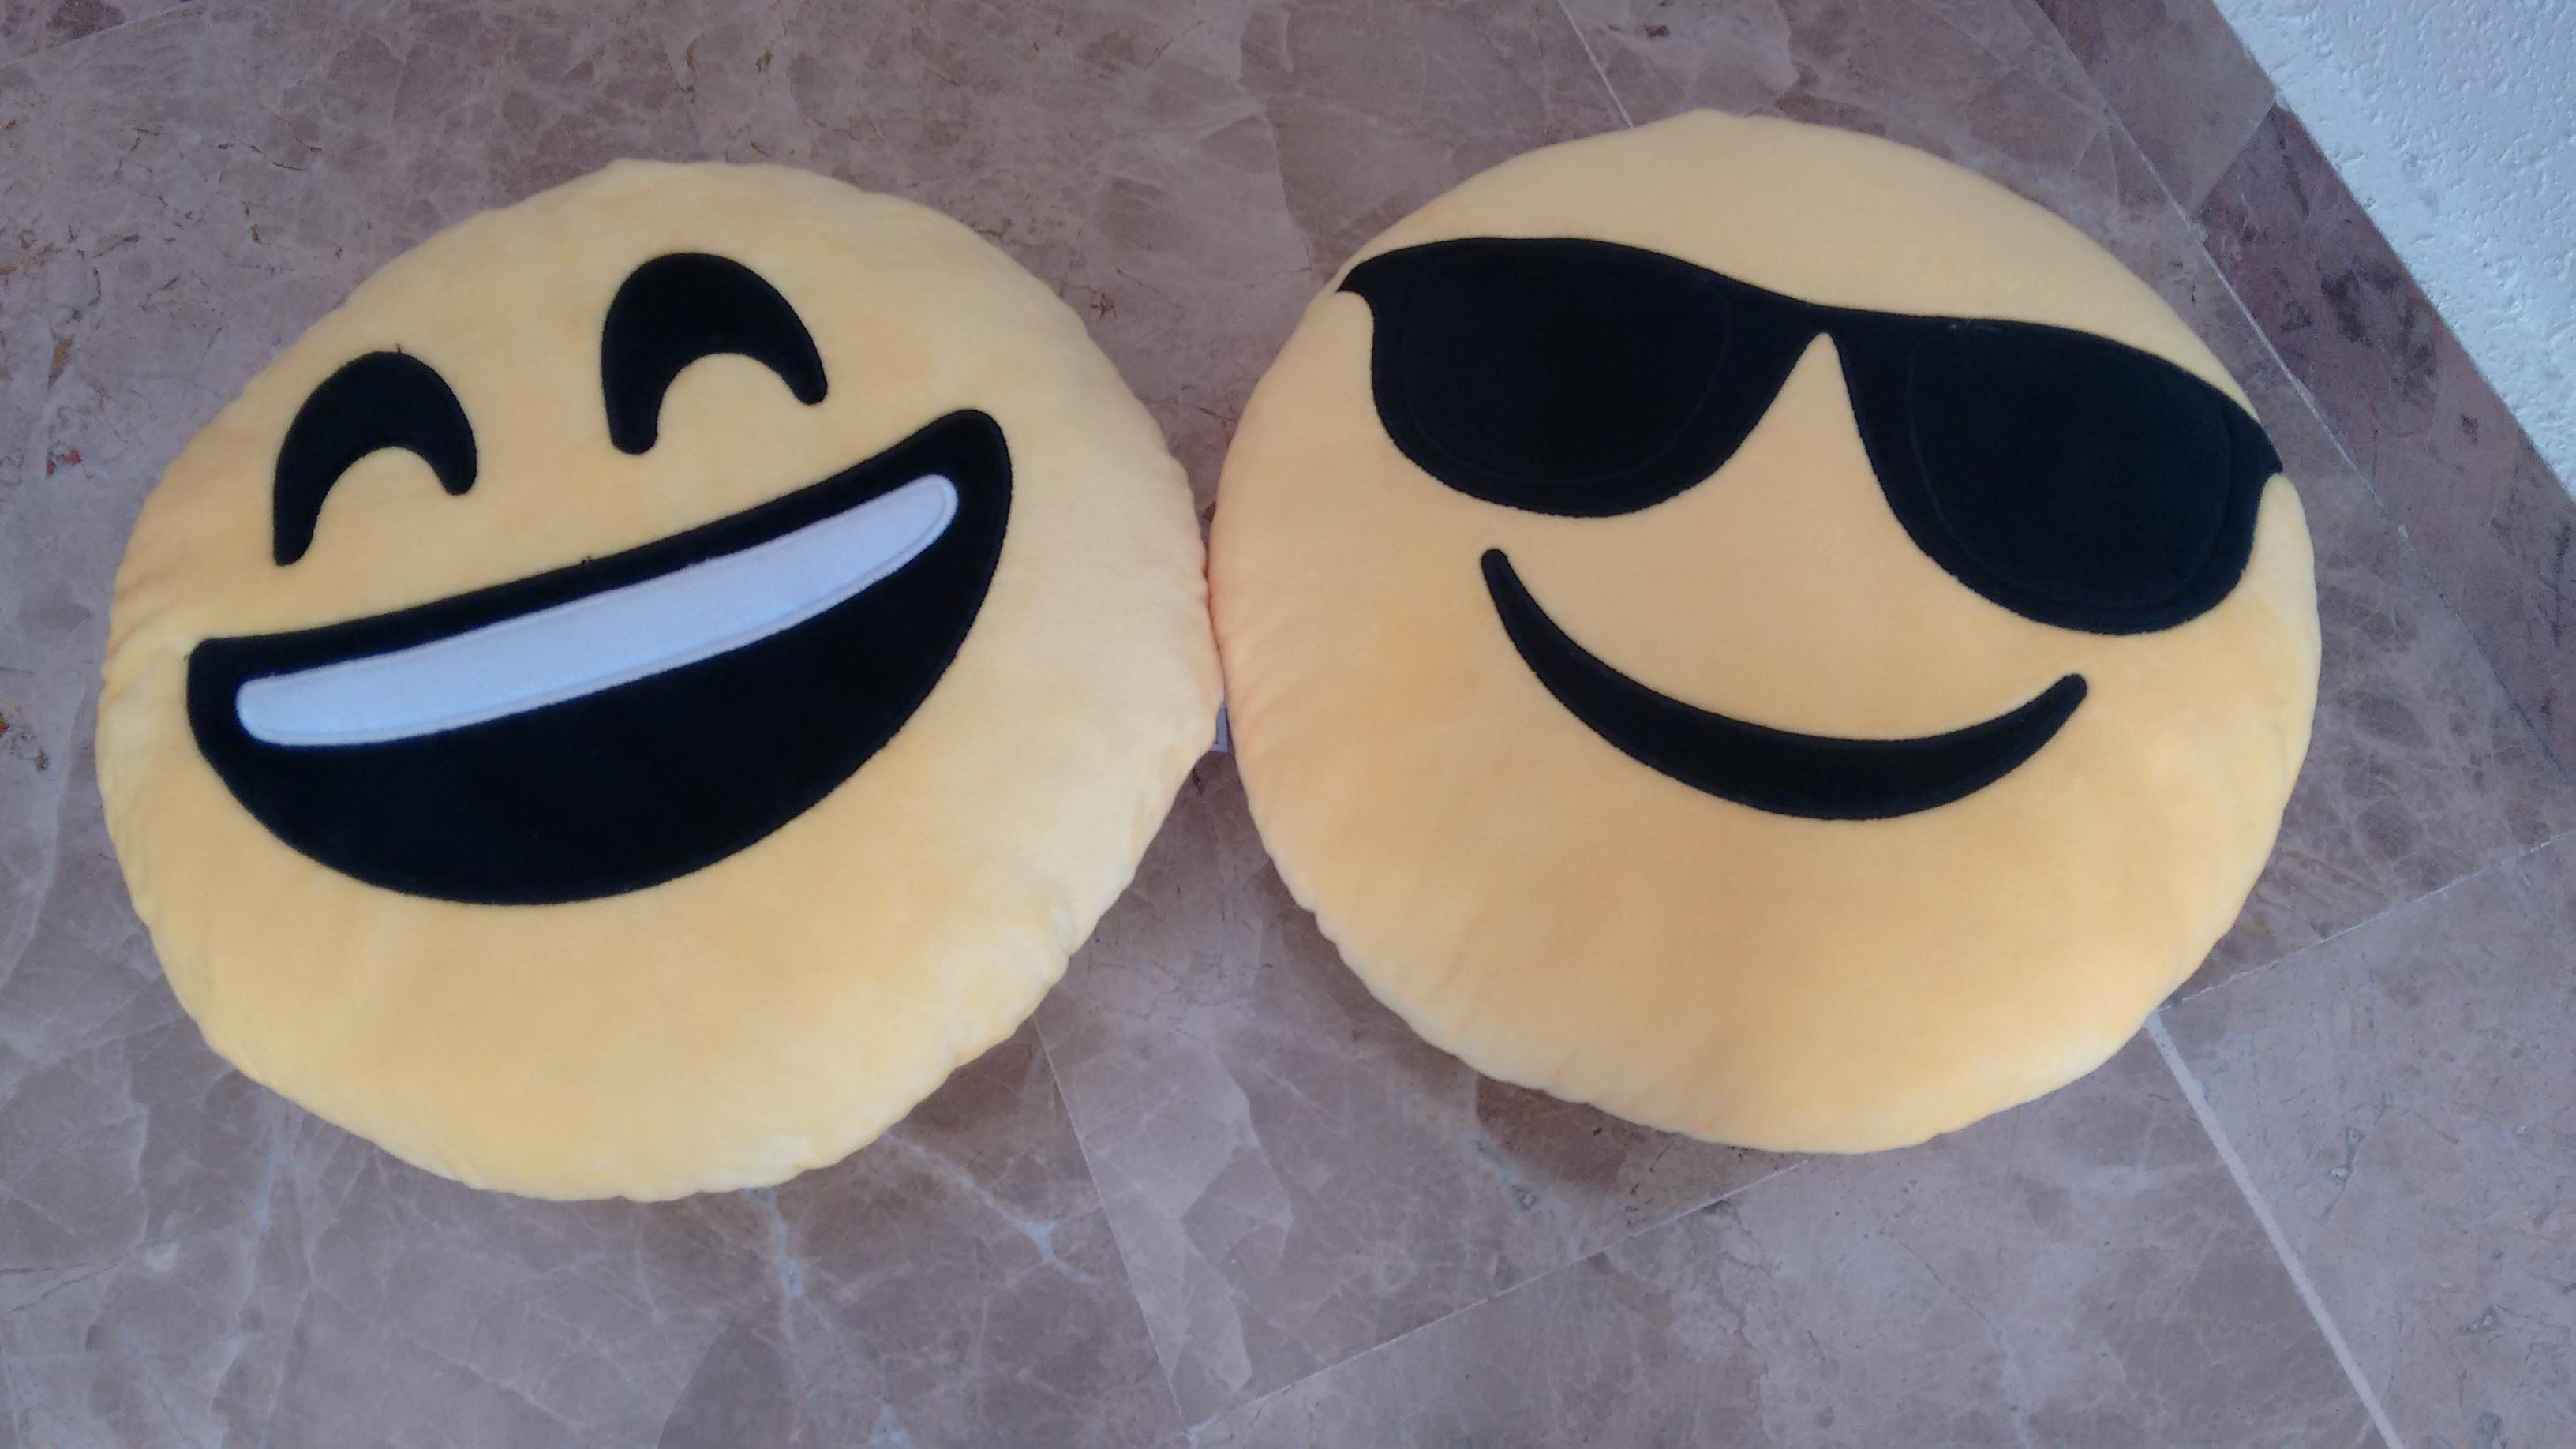 Sonríe, sonríe y continúa sonriendo